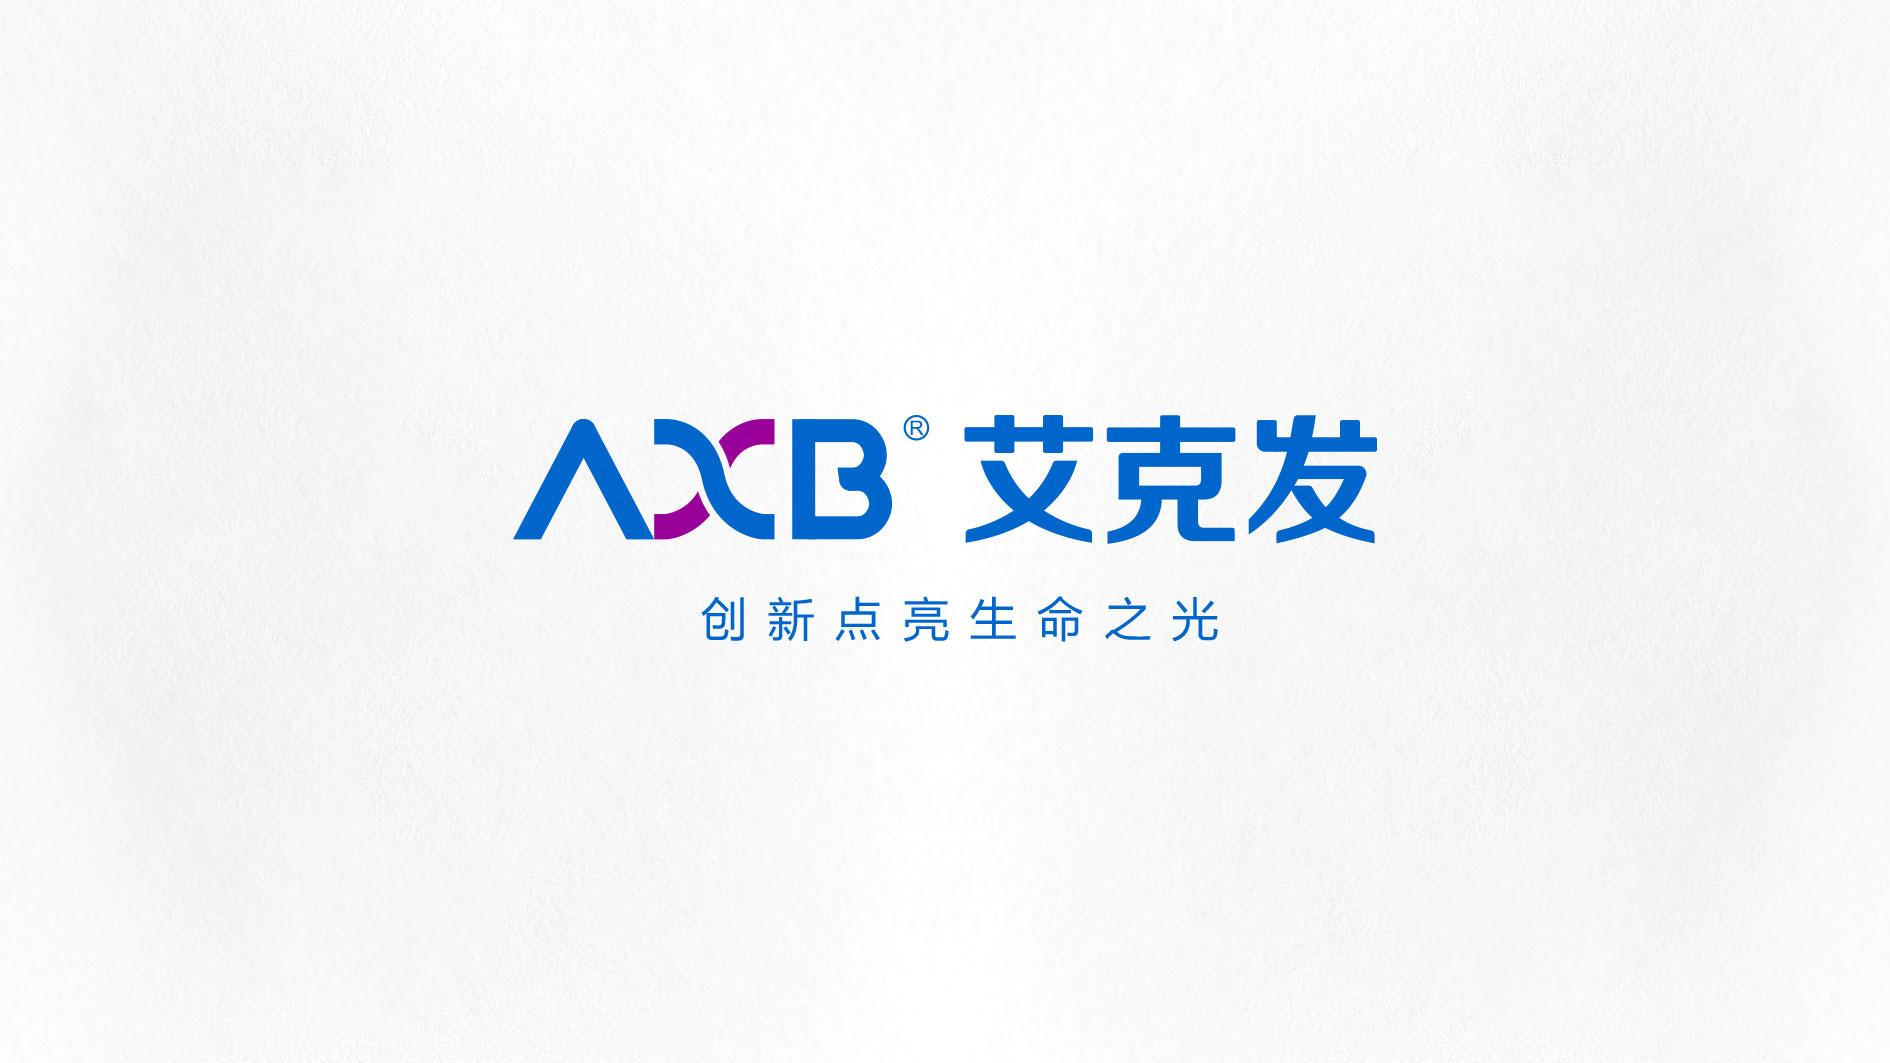 生物技术公司品牌形象设计